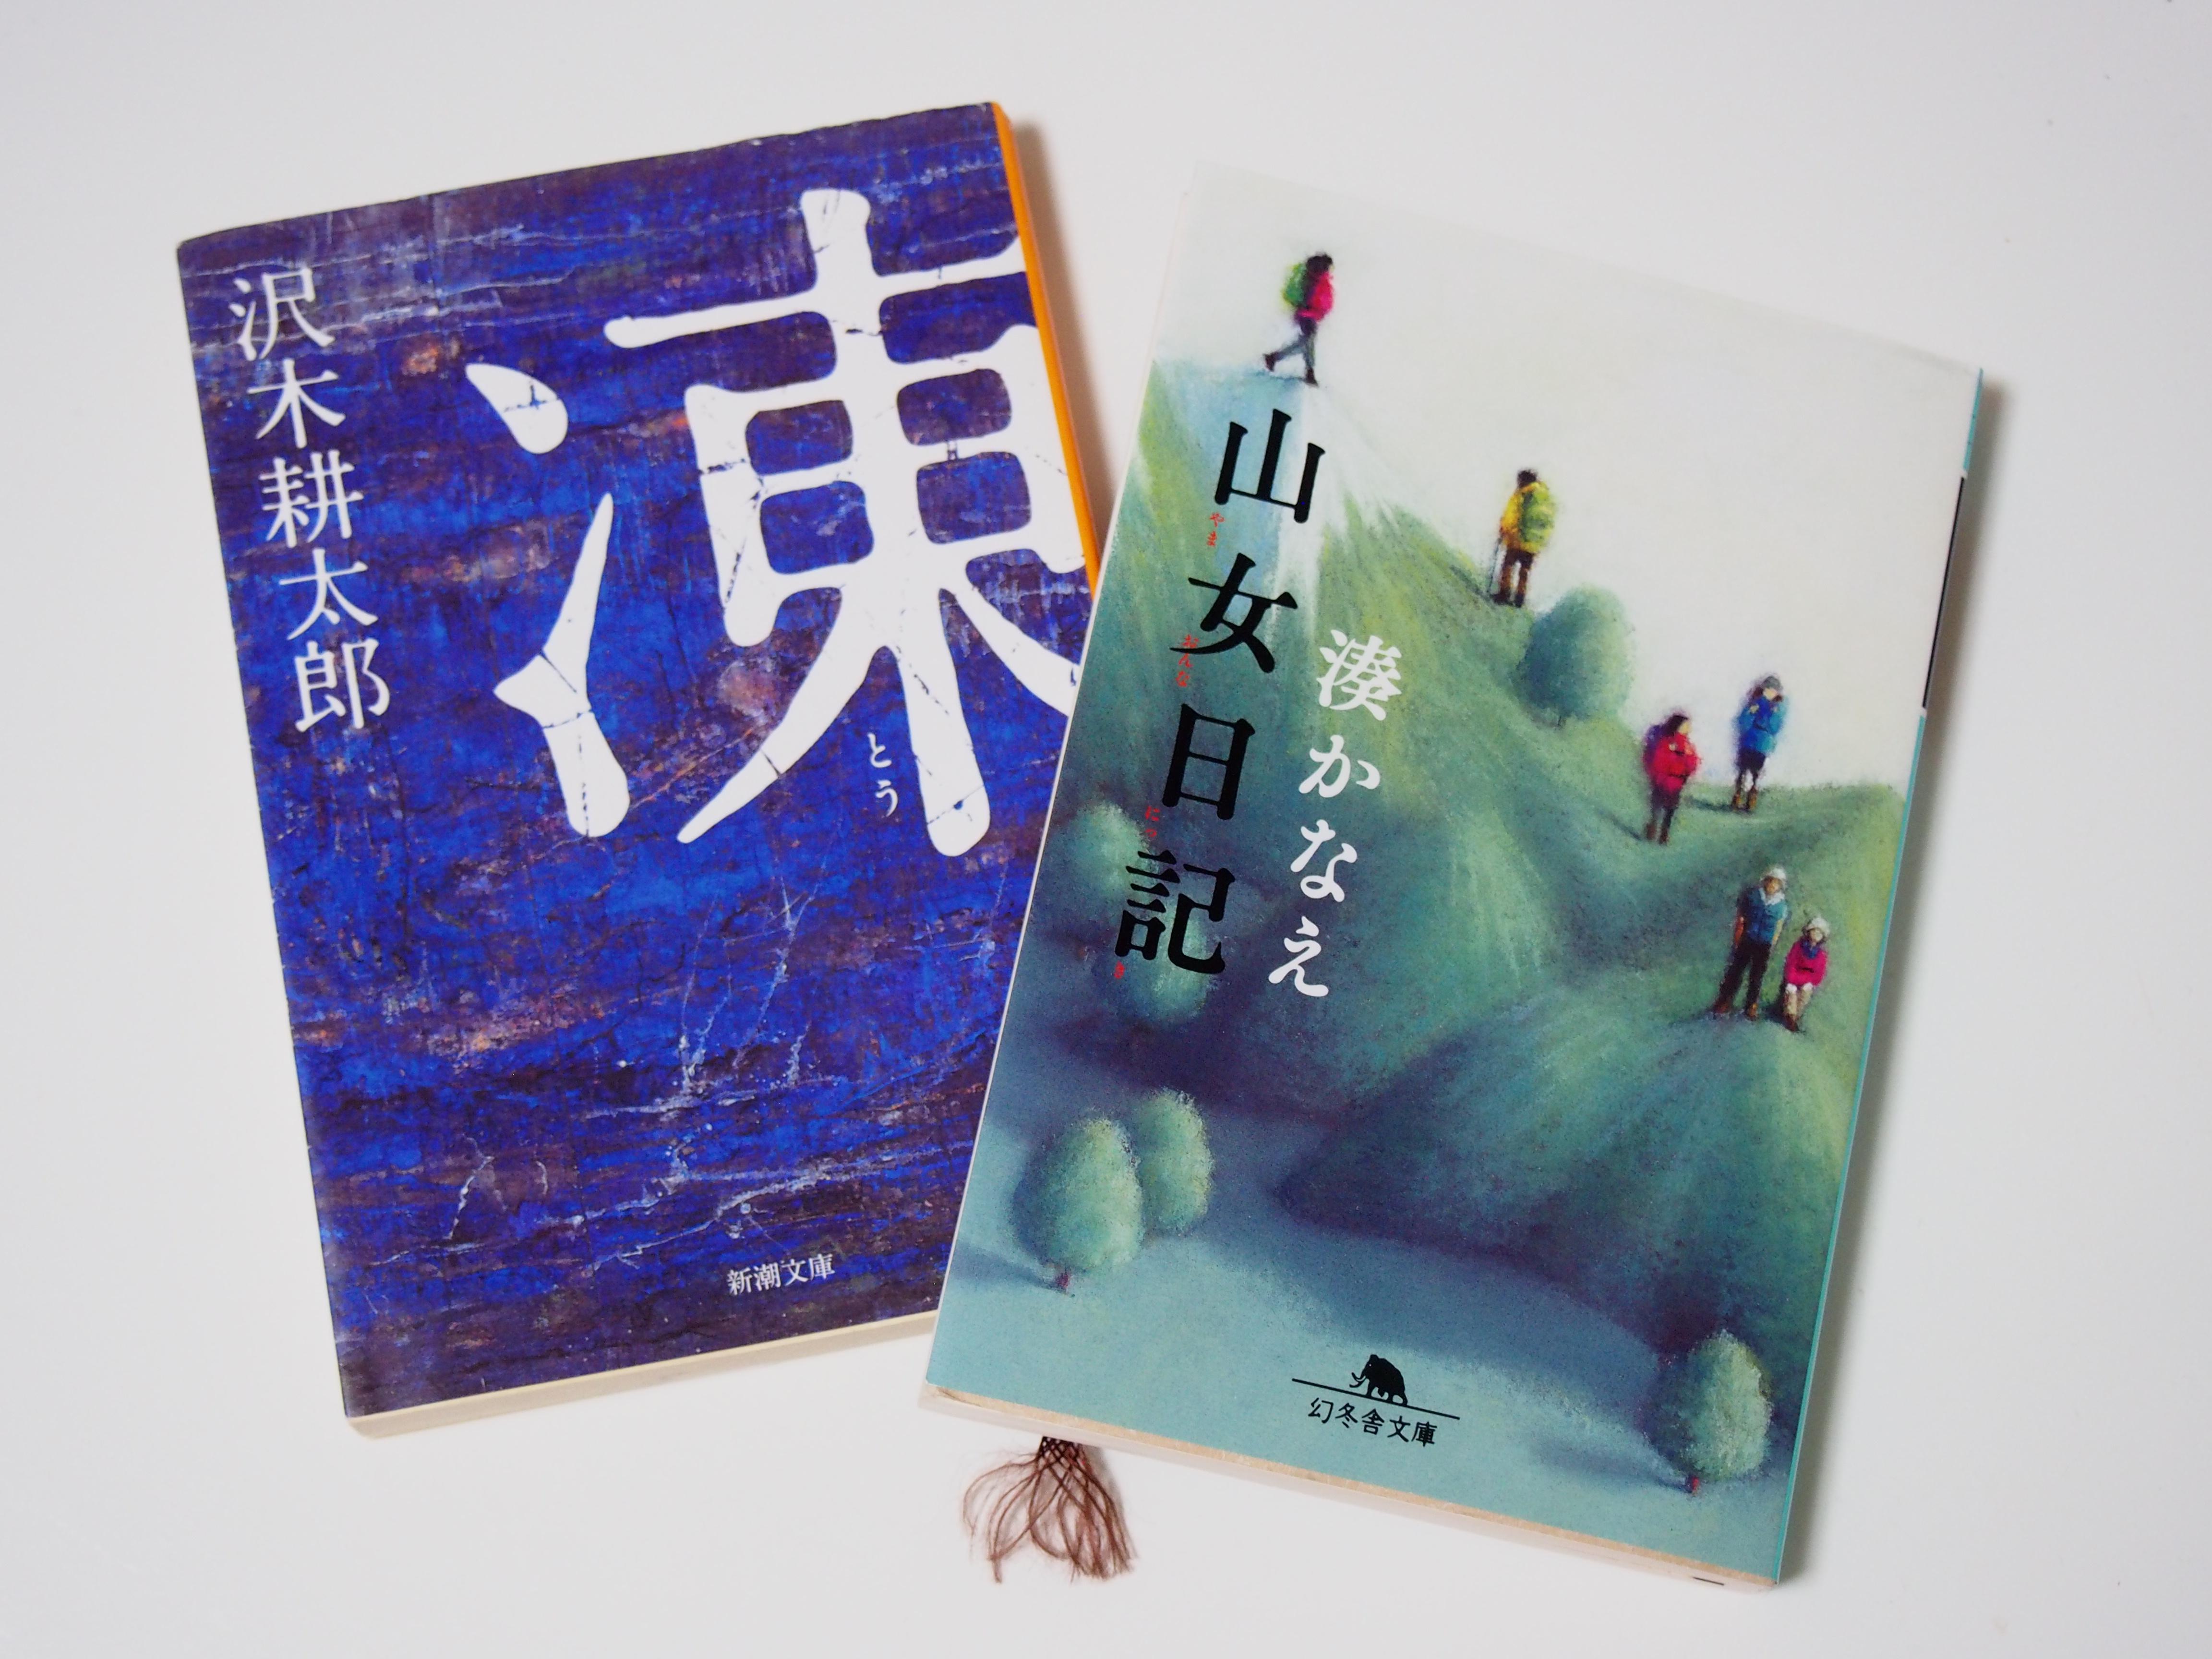 【読書の秋】山に行けない雨の日にオススメの山岳小説